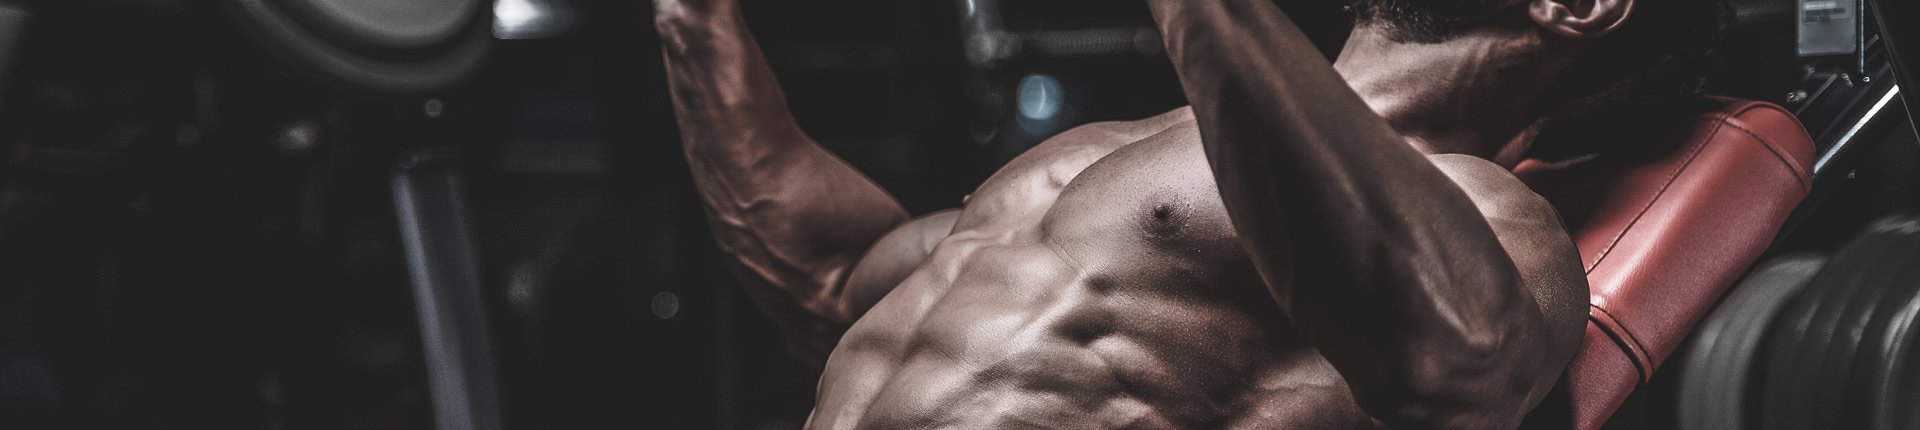 Jak trening siłowy wpływa na tkanki inne, niż mięśnie?